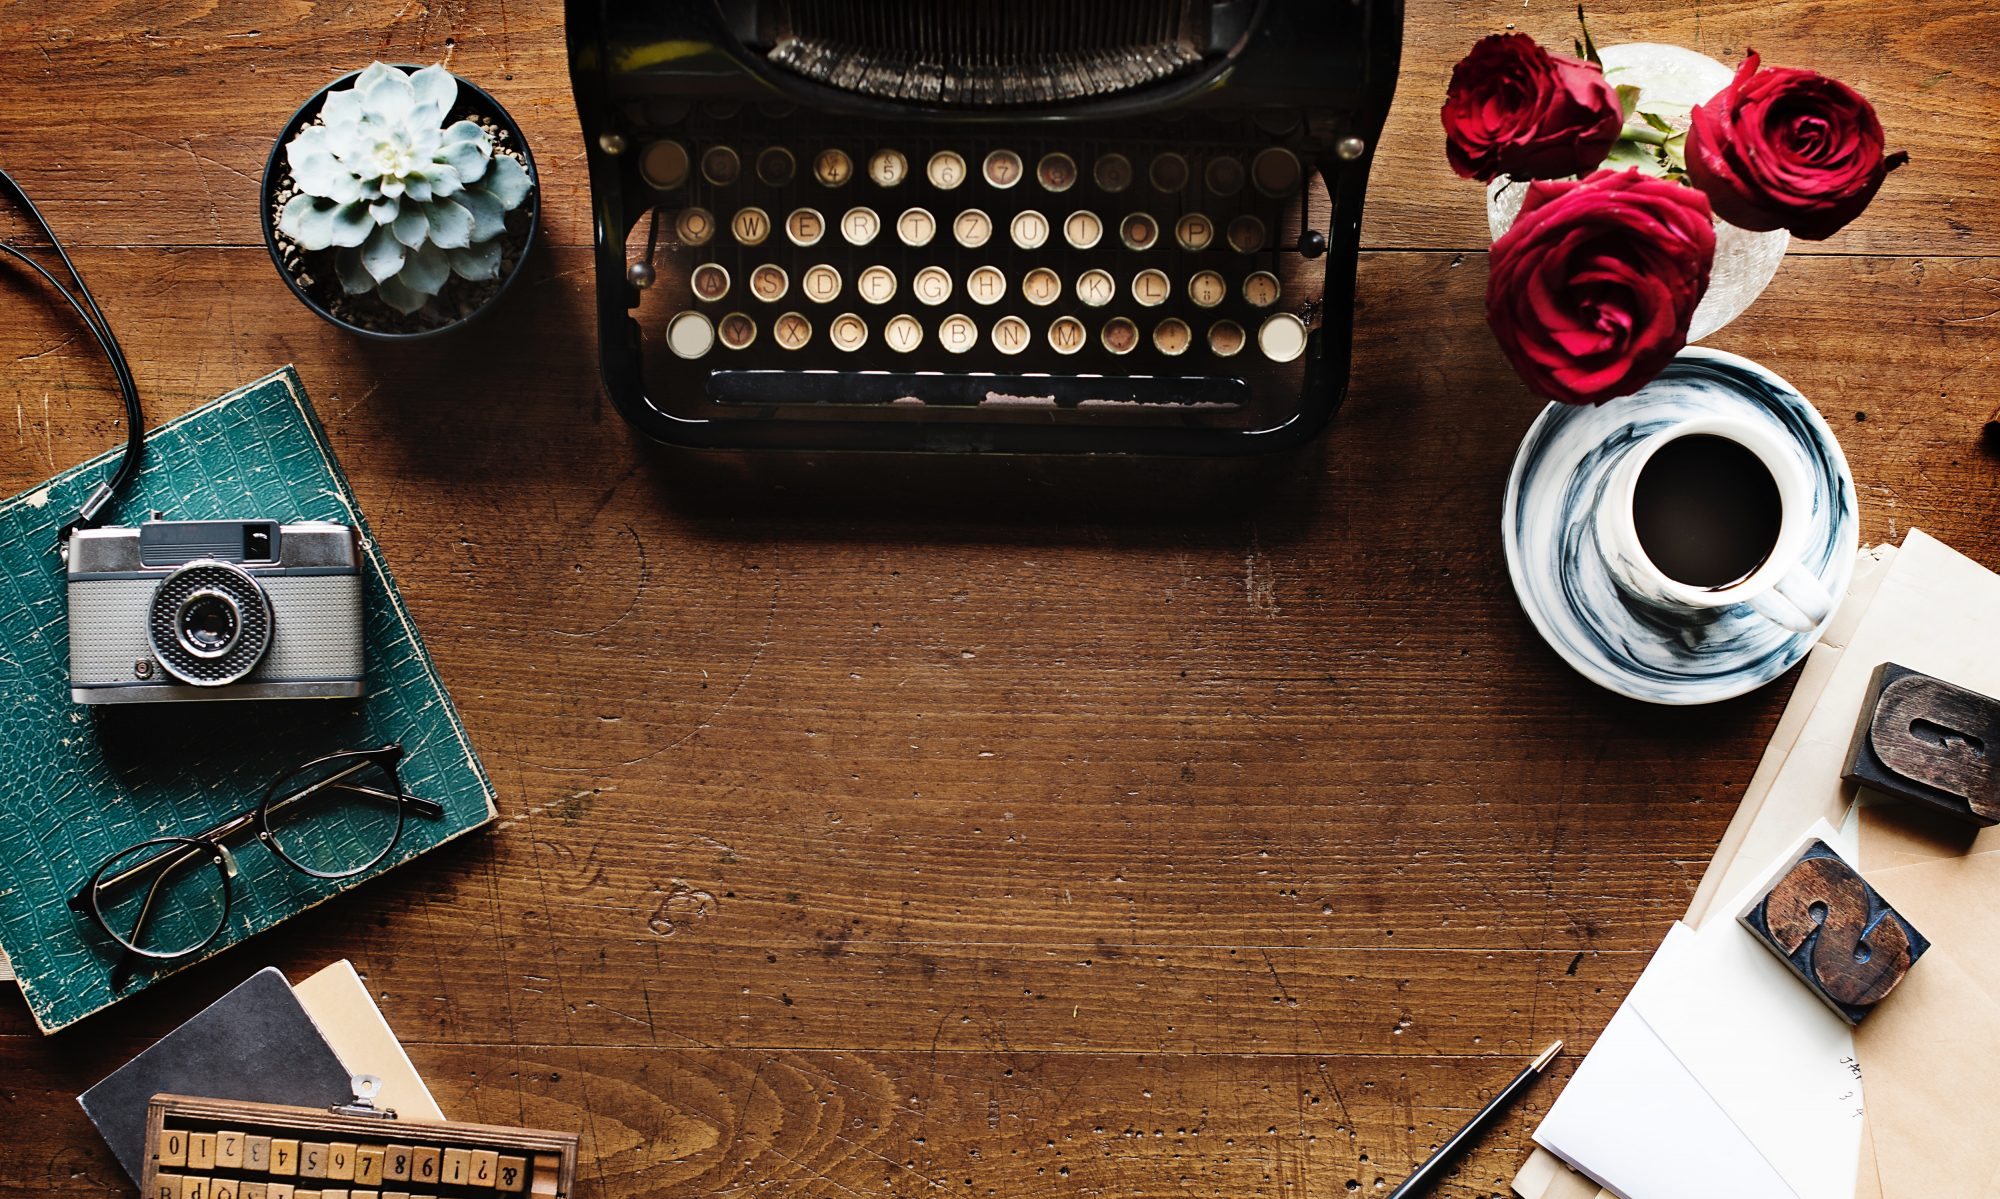 Schreibkunstliebe